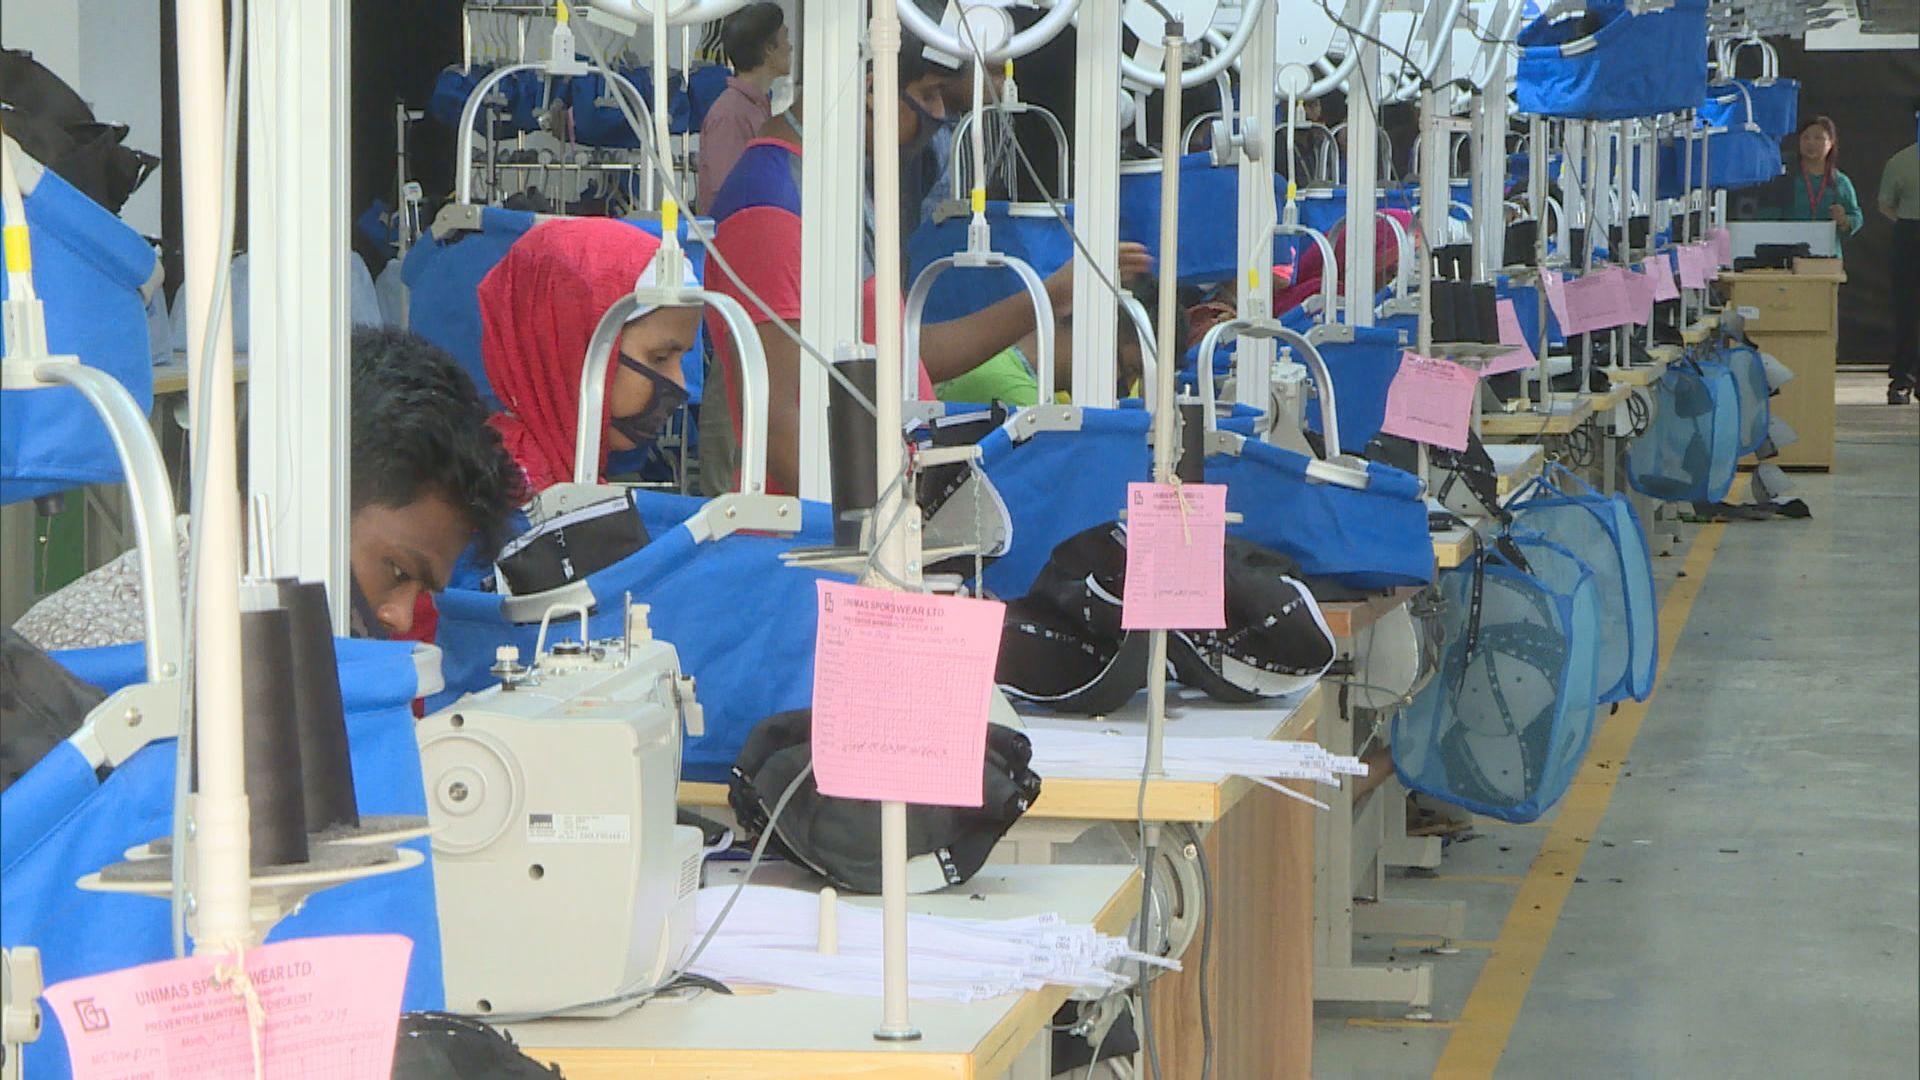 【中美貿戰】廠商考慮出走孟加拉避戰火